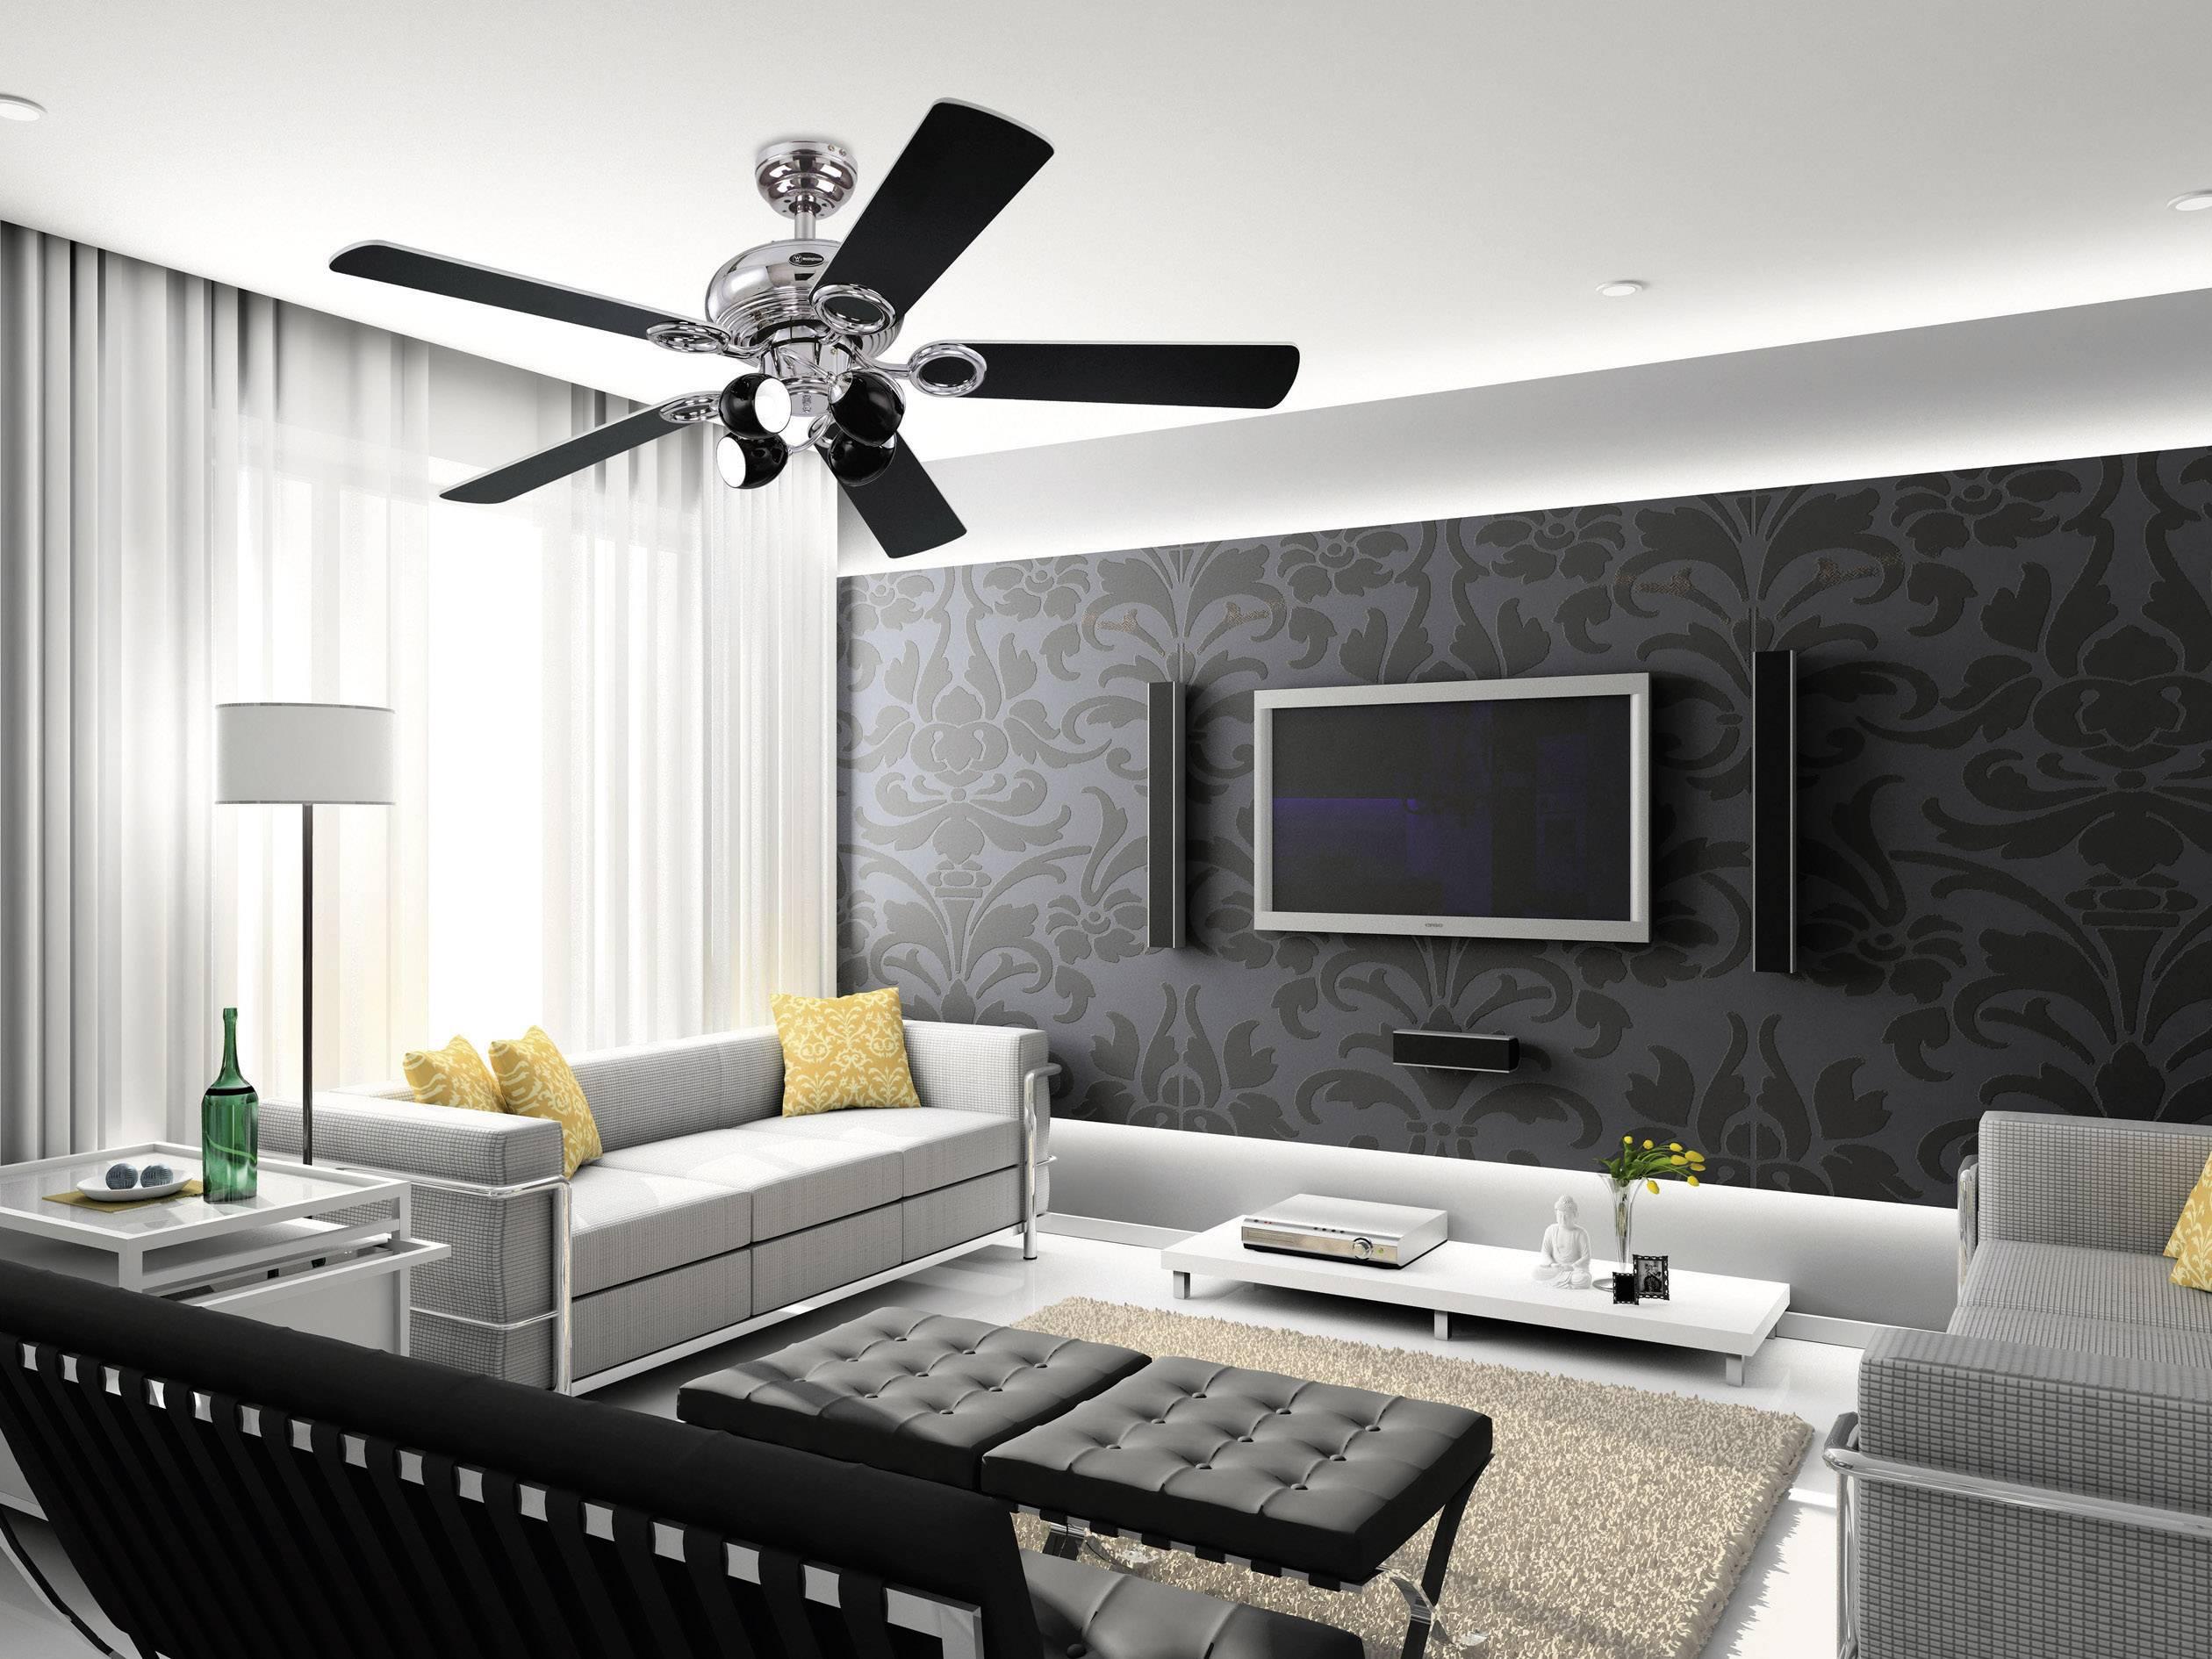 Ventilateur de plafond Westinghouse Helix Fusion Nombre de pales de rotor: 5 (Ø) 132 cm noir, blanc